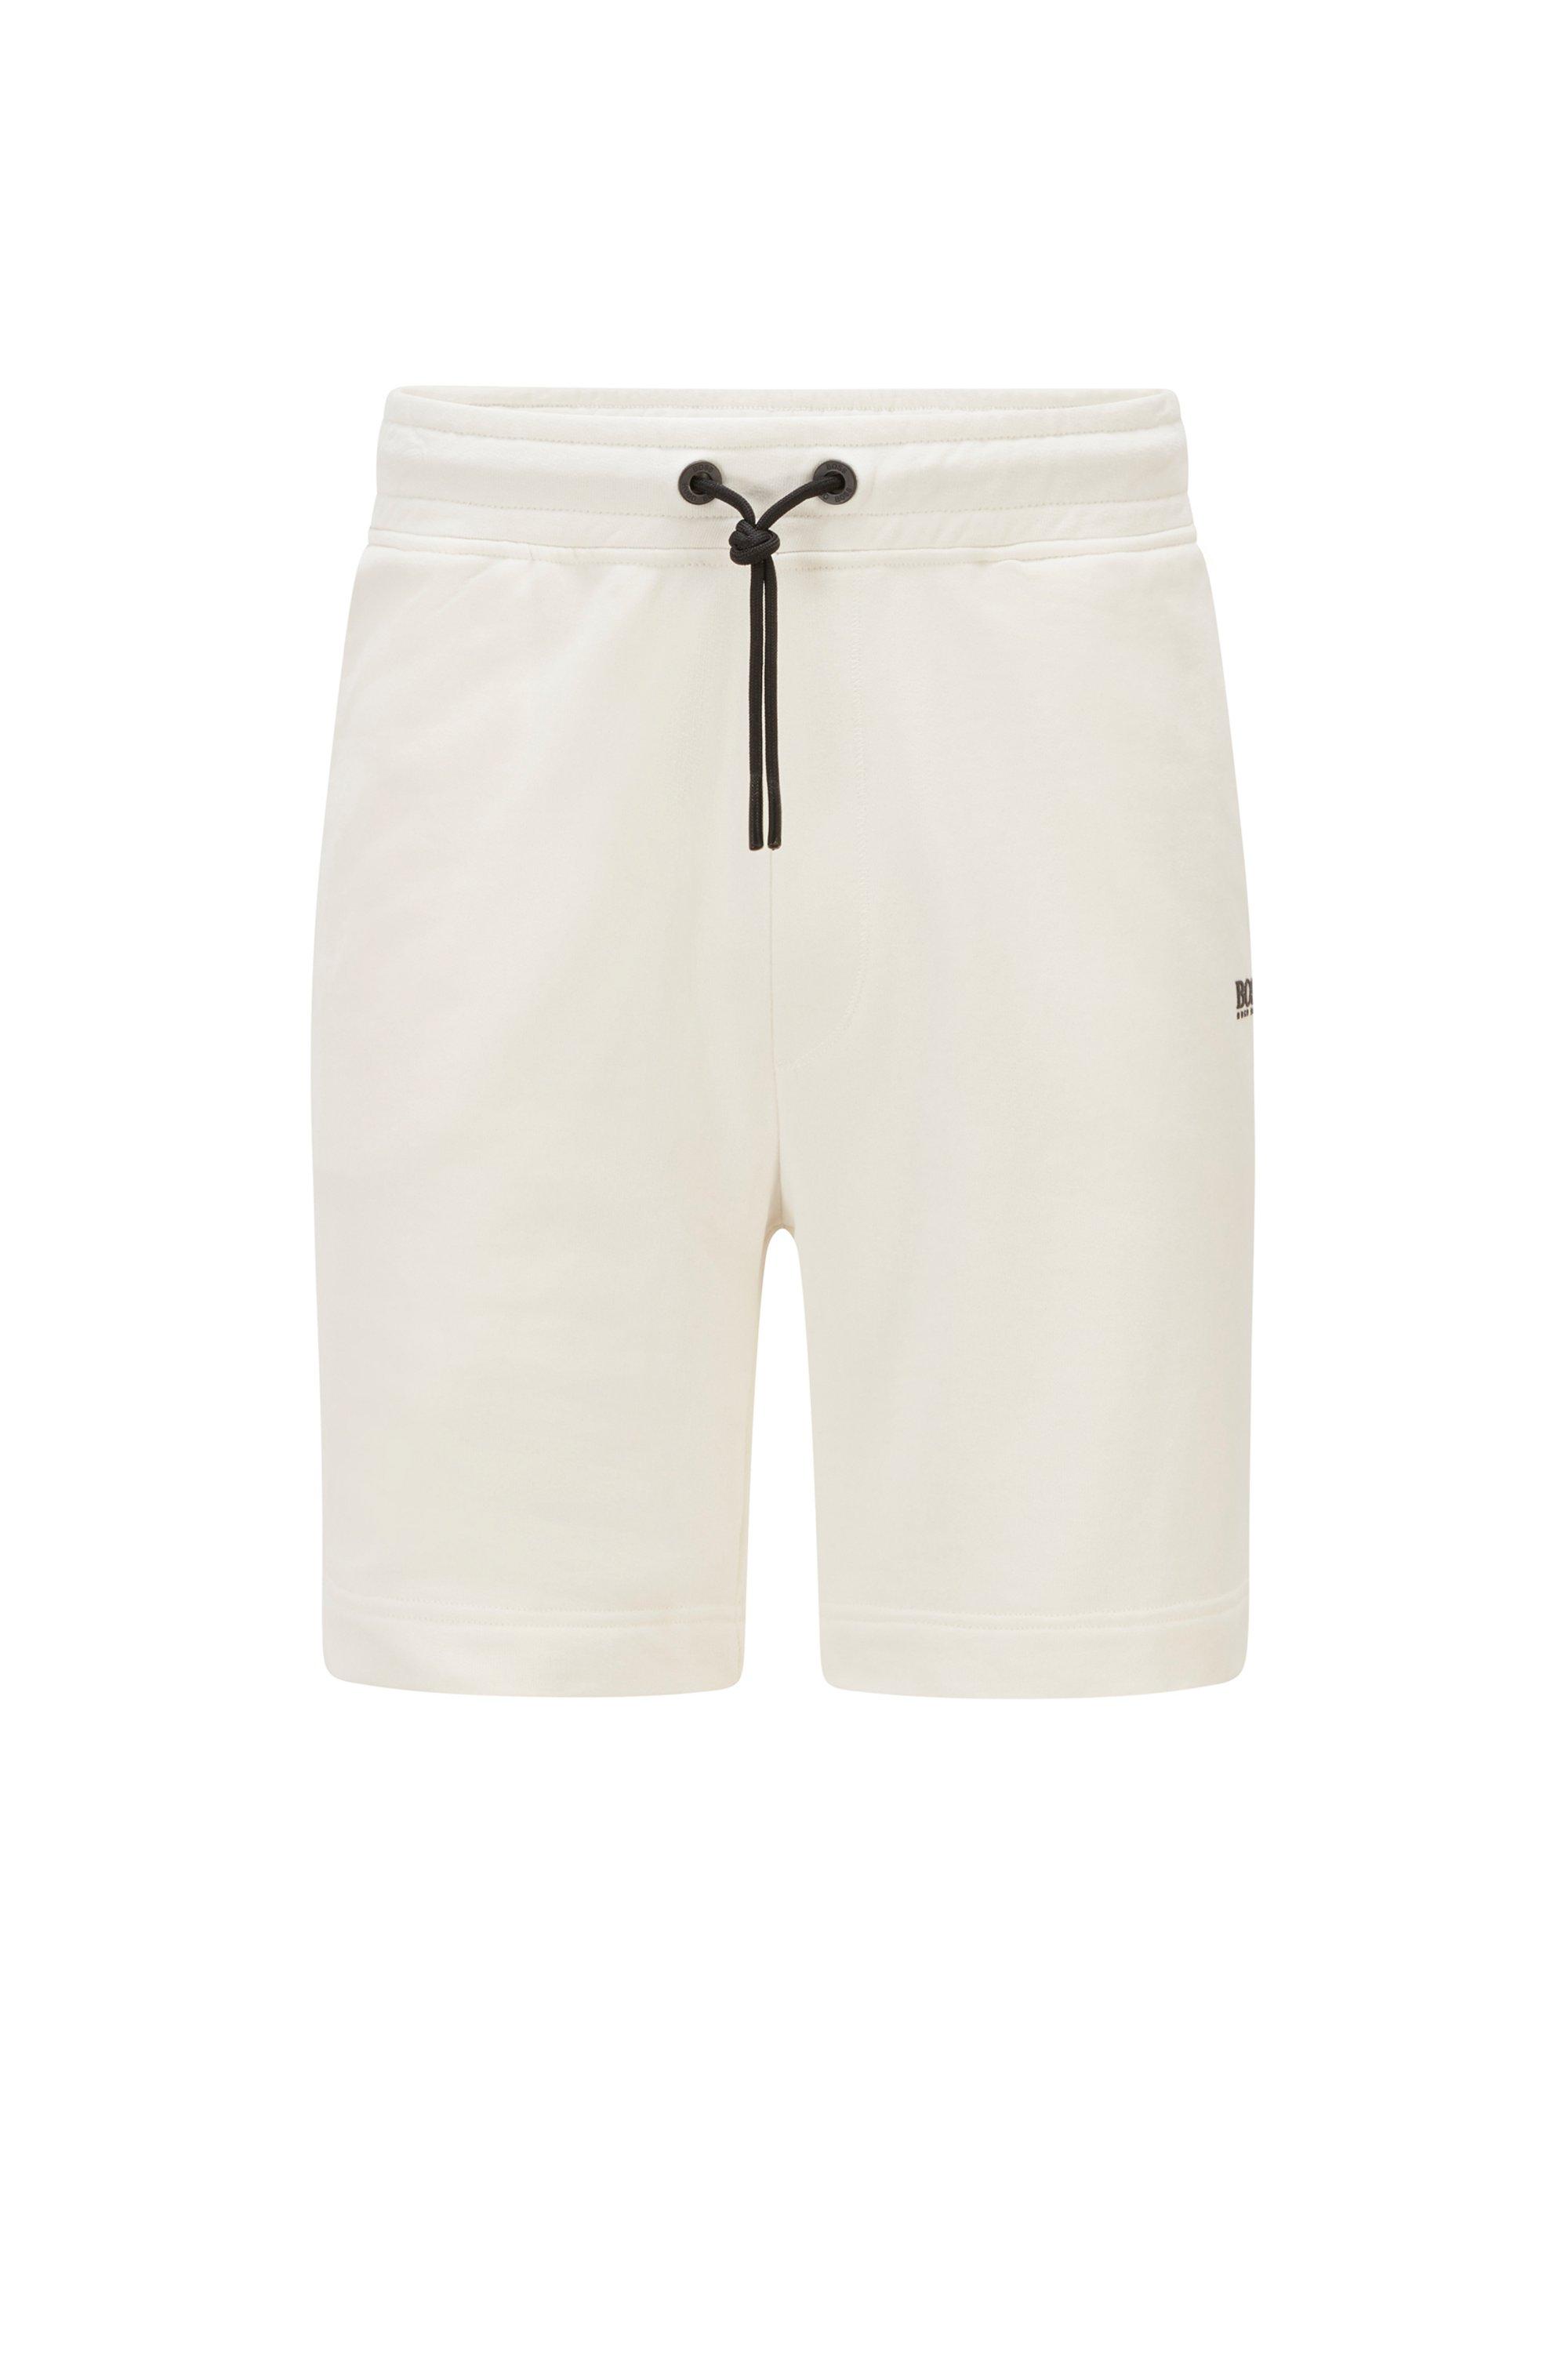 Shorts aus Bio-Baumwoll-Mix mit kontrastfarbenem Logo, Weiß